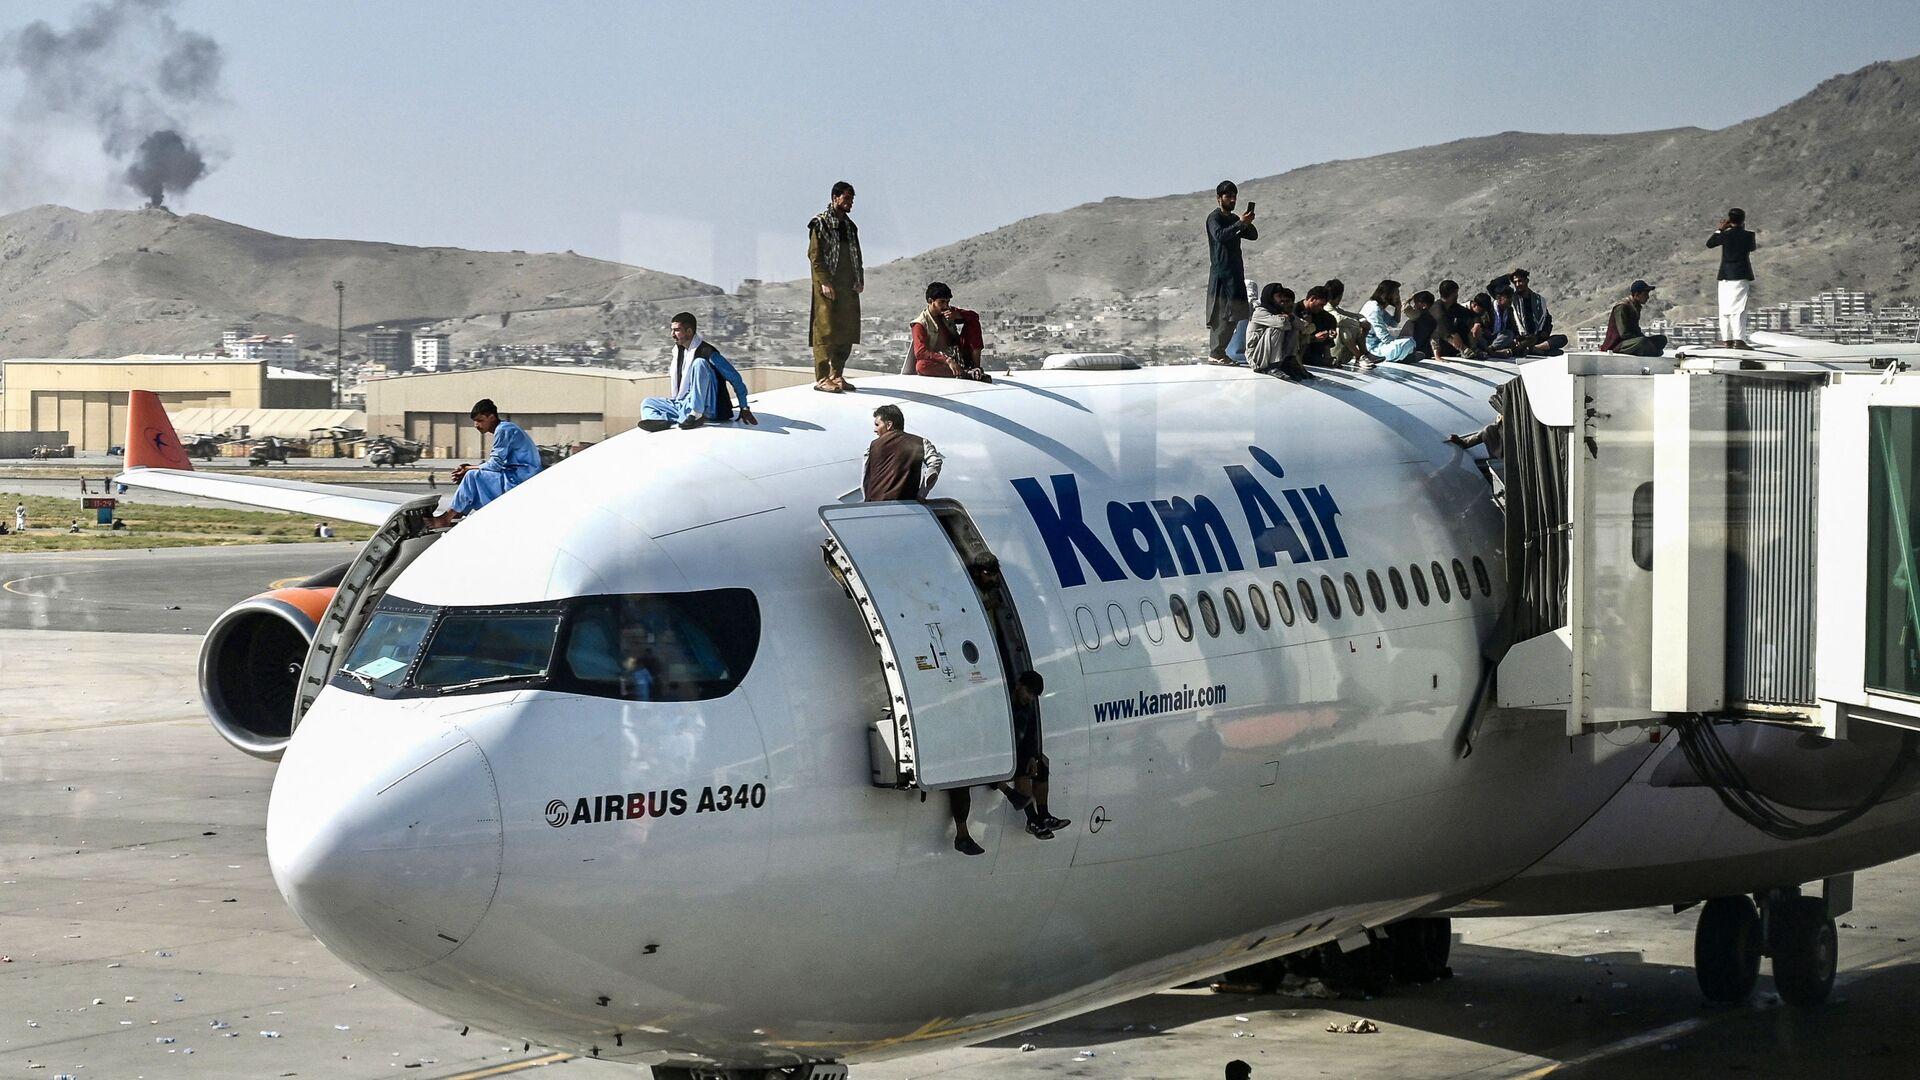 Los afganes en el aeropuerto de Kabul - Sputnik Mundo, 1920, 18.08.2021